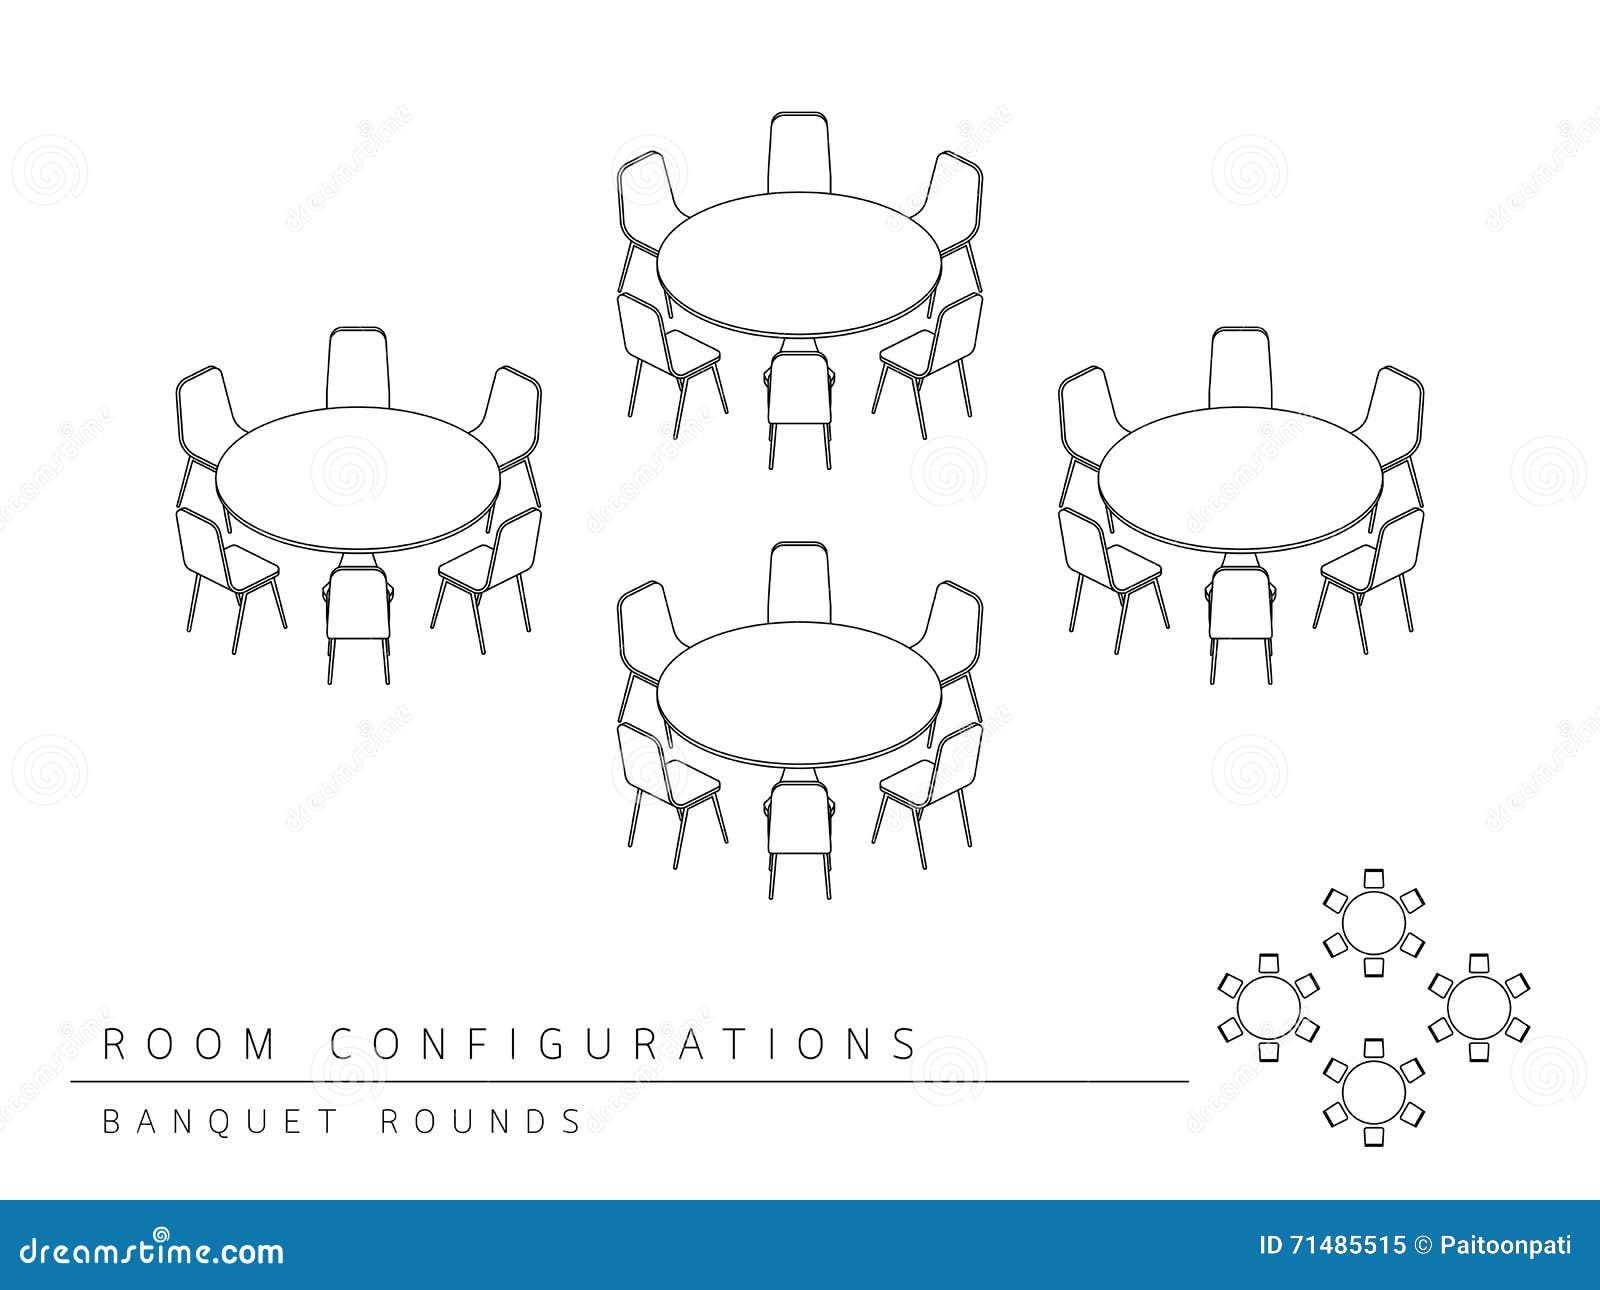 Einrichtungsplan  Konferenzzimmer-Einrichtungsplan-Konfiguration Bankett Rundet Art ...